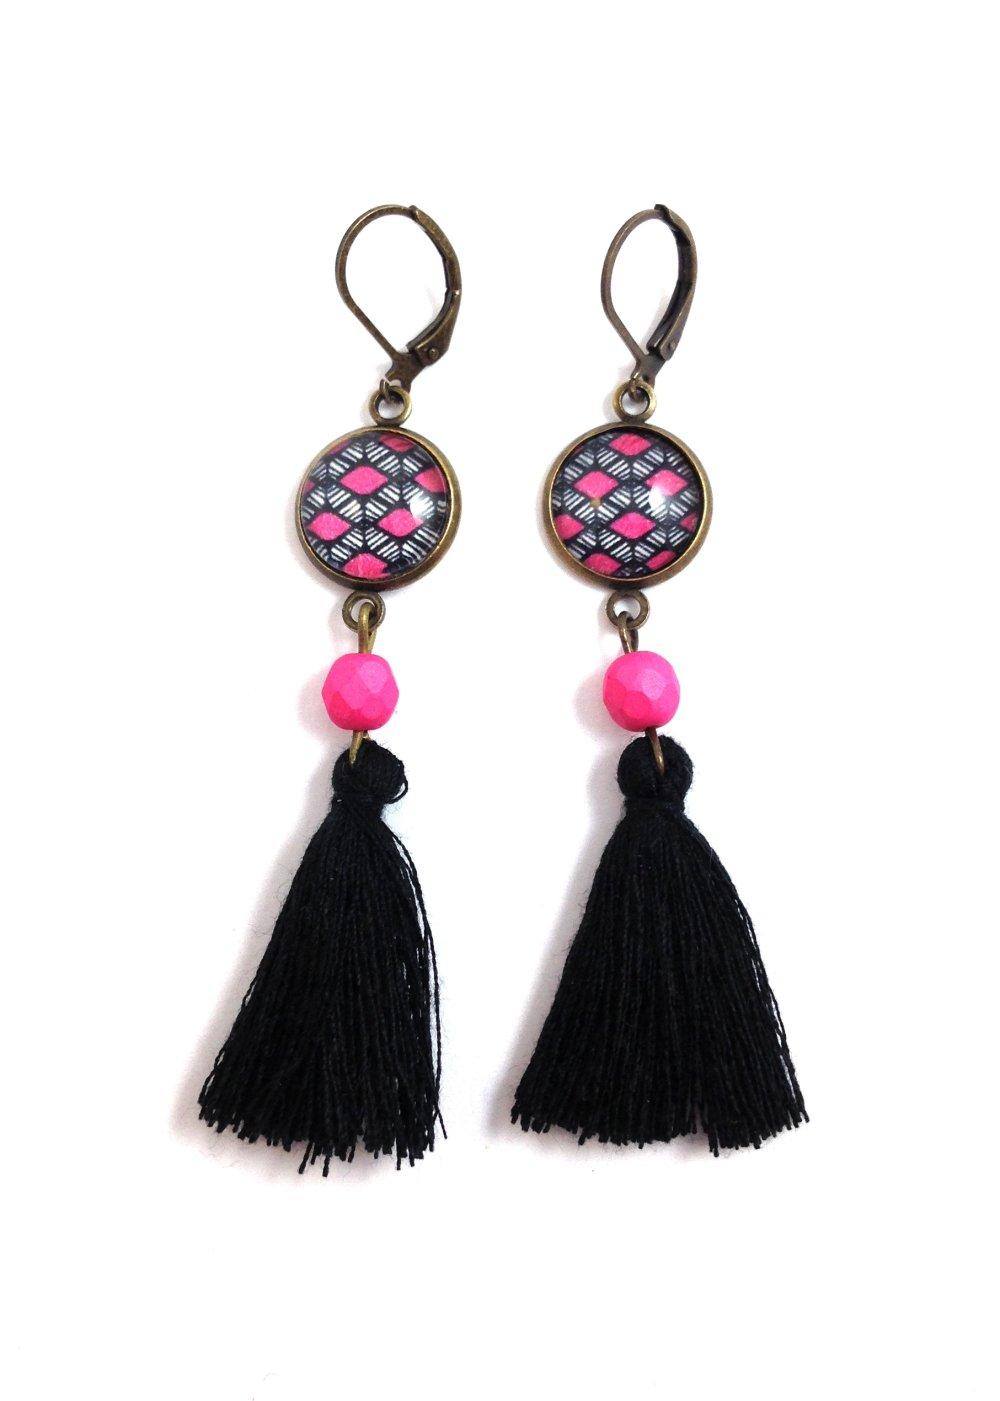 Boucles d'oreilles  pendantes bronze Cabochon ovale, Wax africaine rose et noire, ethnique, cadeau femme, bohème chic